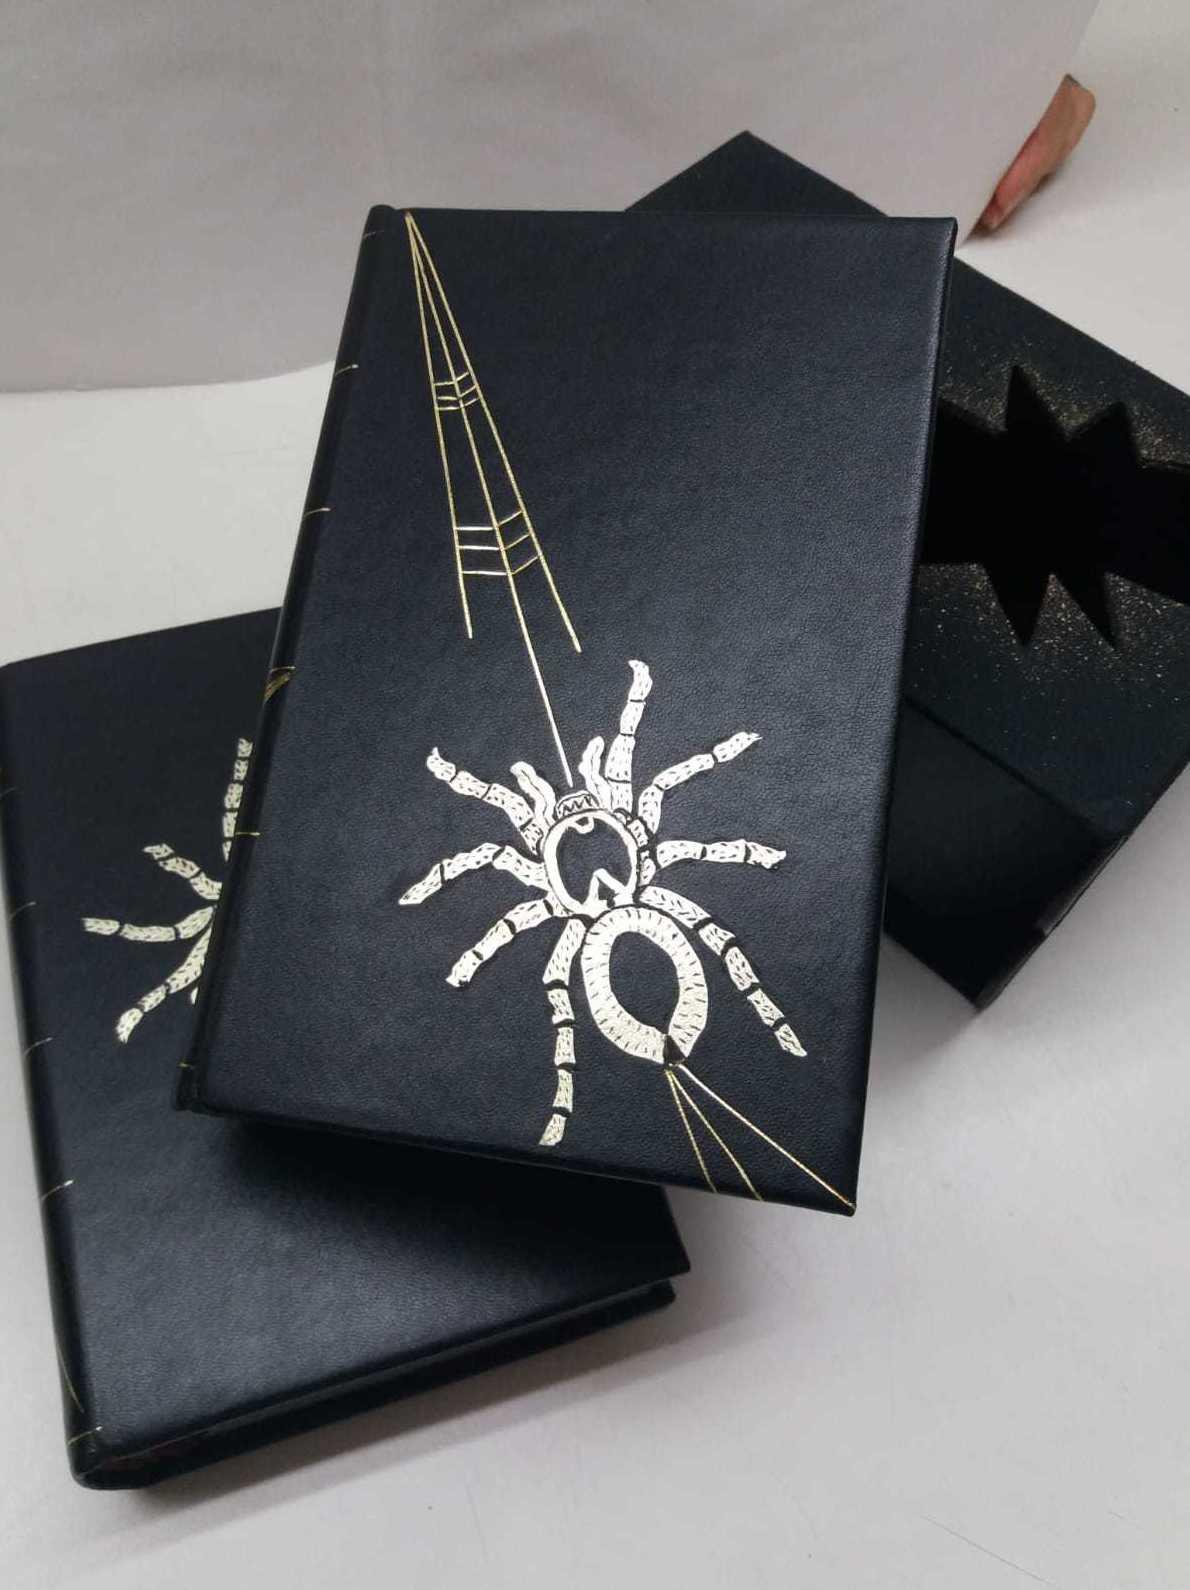 La araña negra de Blasco Ibáñez. Encuadernación en piel de cabra con mosaico superpuesto.